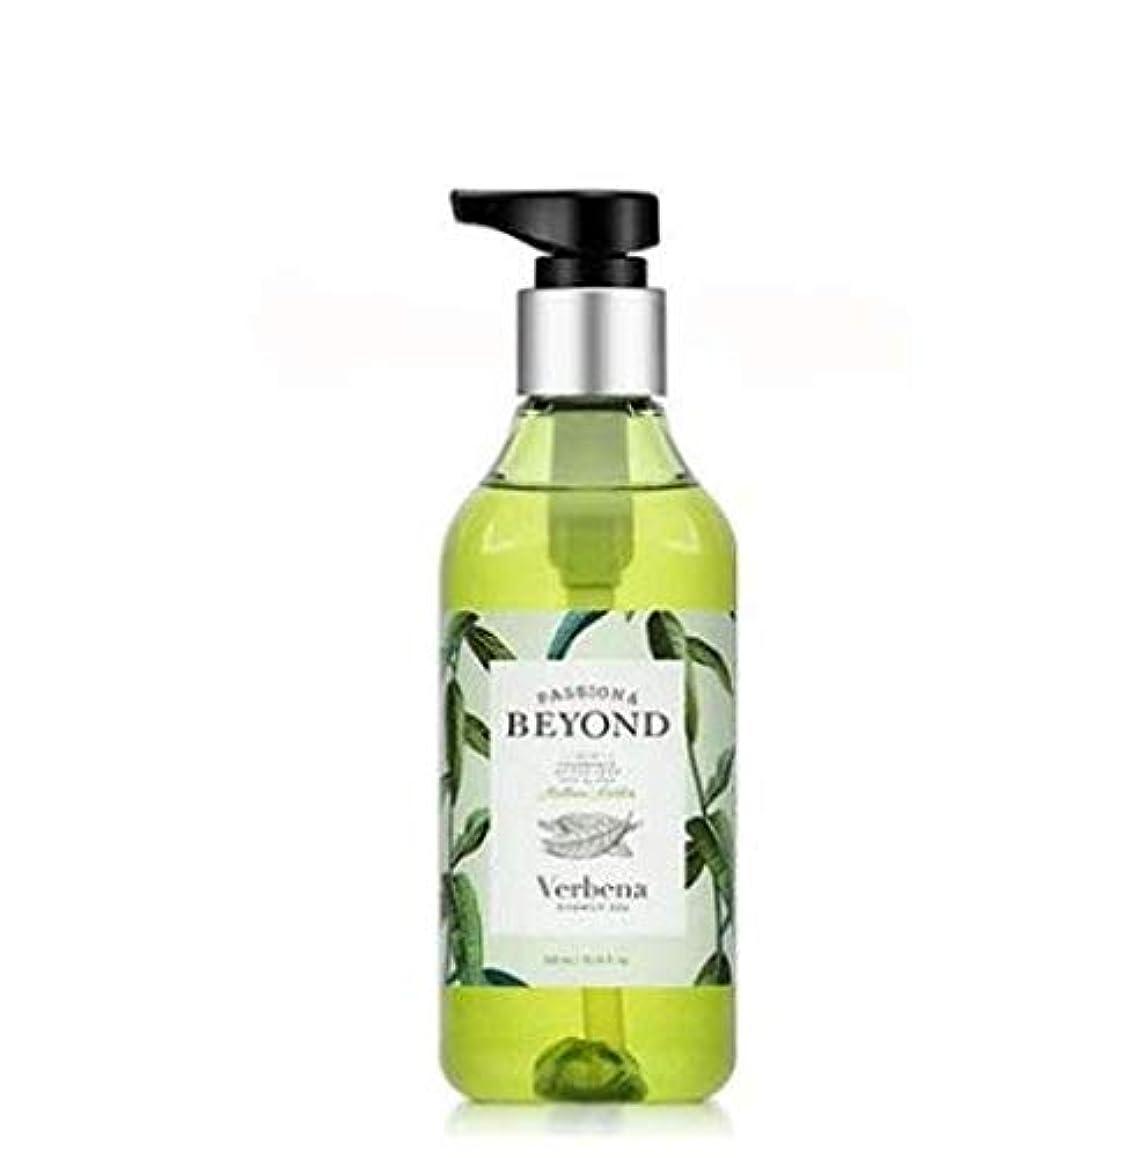 人に関する限りエキゾチックコウモリ[ビヨンド] BEYOND [バーベナ シャワー ジェル 300ml] Verbena Shower Gel 300ml [海外直送品]